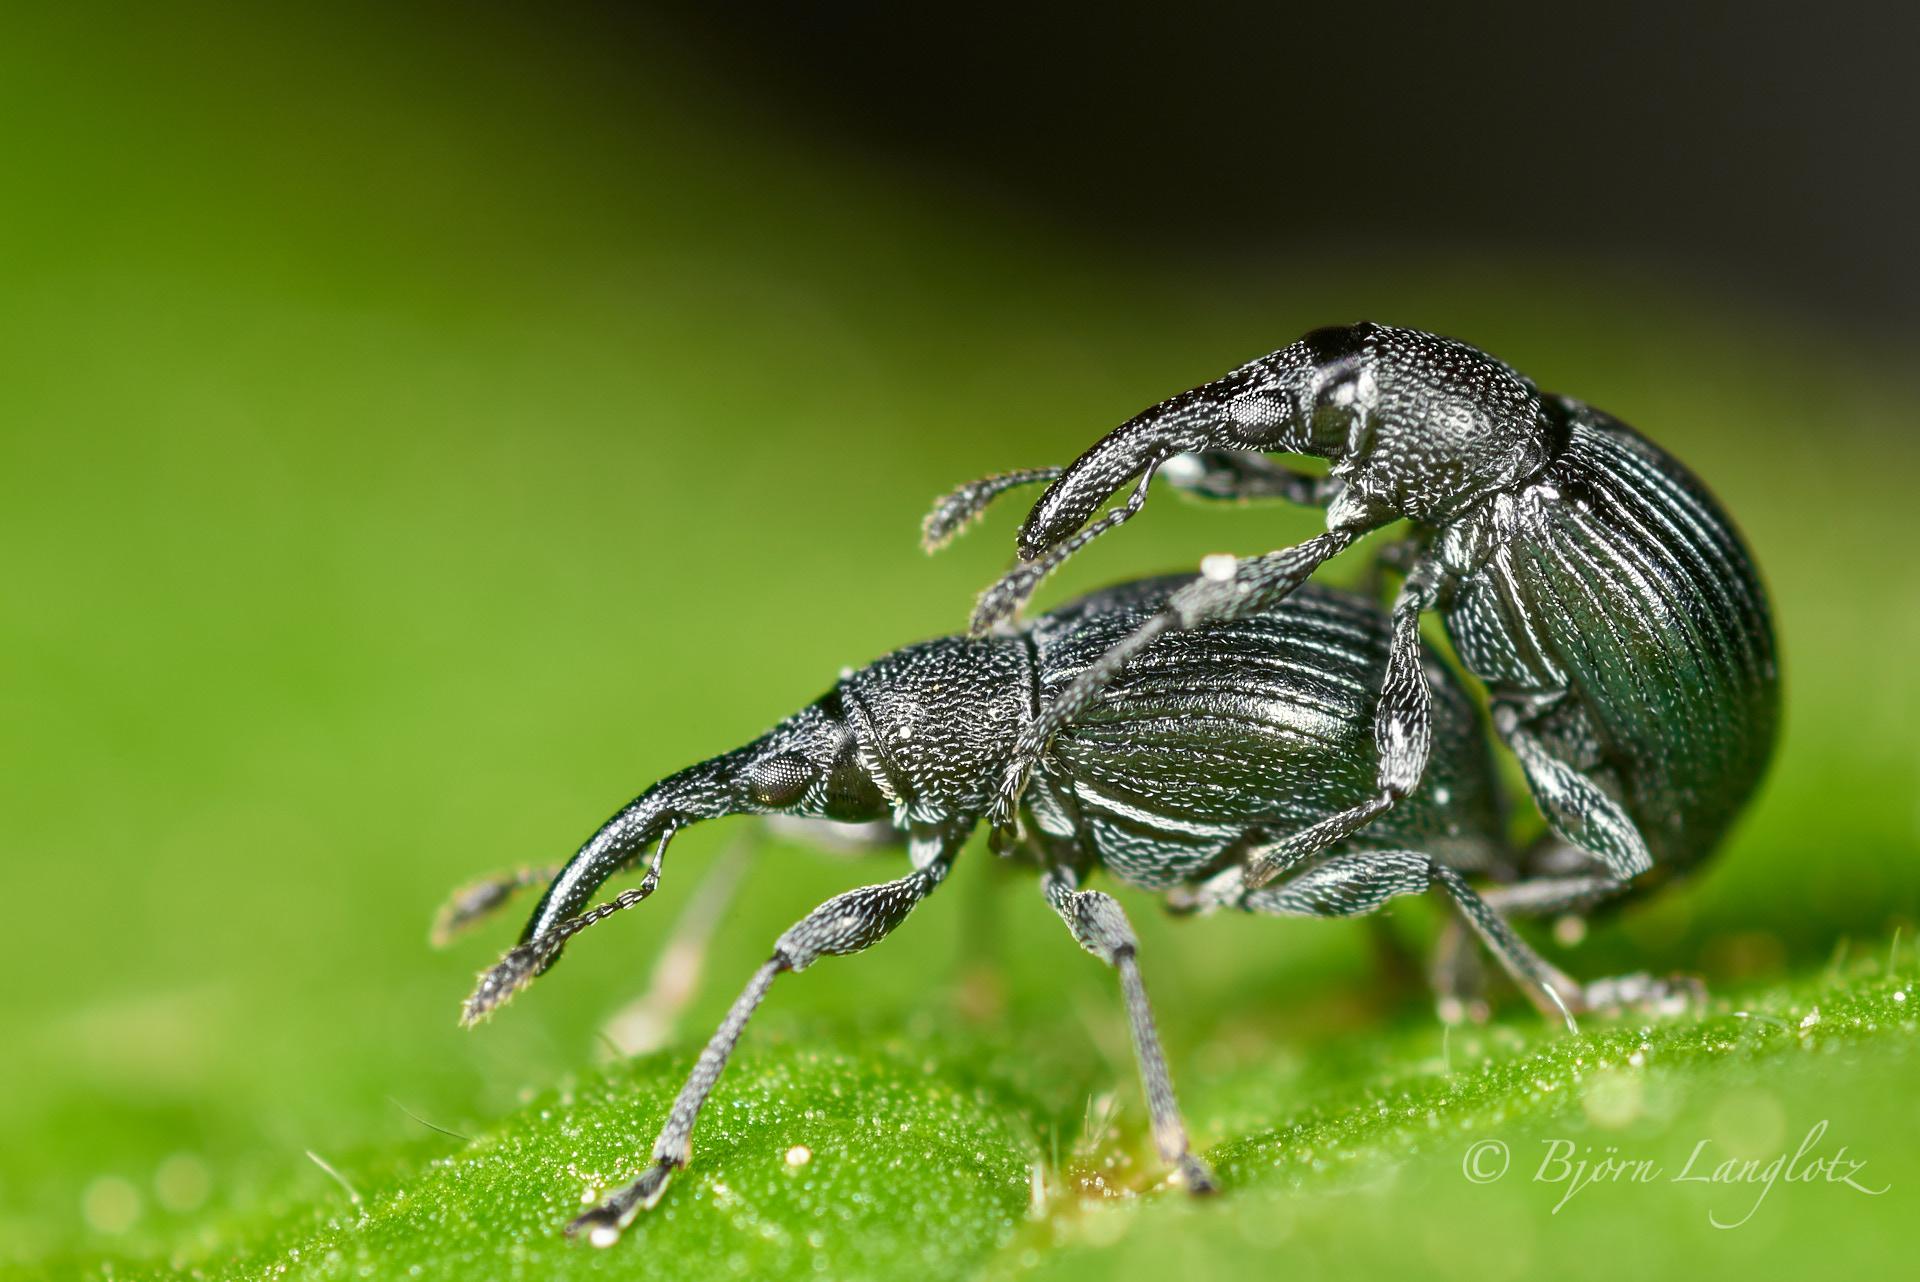 Dieses Naturfoto mit etwa 2,5-facher Vergrößerung zeigt zwei Kräftige Stockrosen-Spitzmausrüssler (Aspidapion validum) bei der PaarungKamera: NIKON D810 Zeiss Luminar II 63 mm1/60 s bei Blende f/4.5